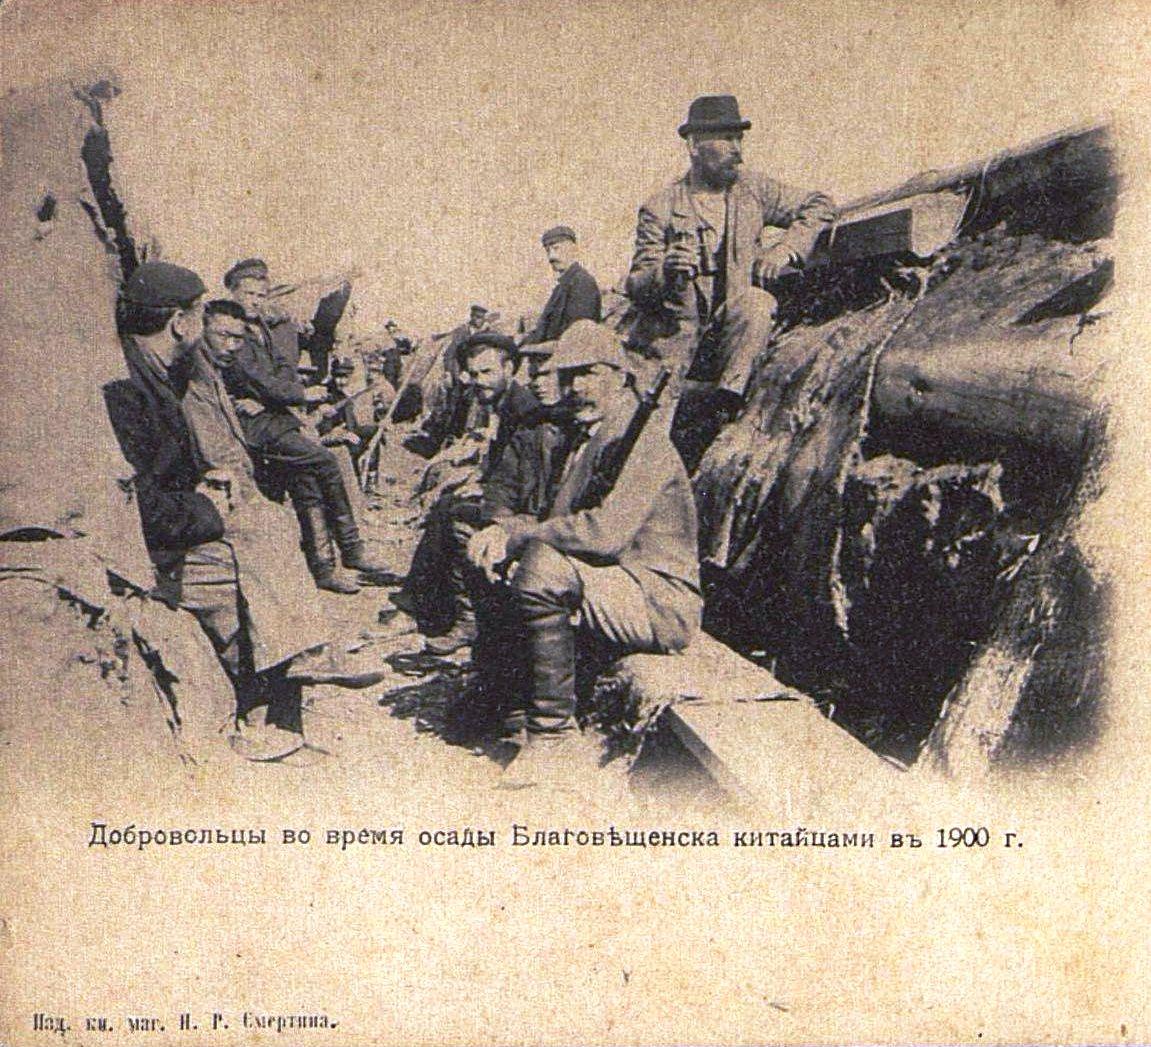 Добровольцы во время осады Благовещенска китайцами в 1900 году